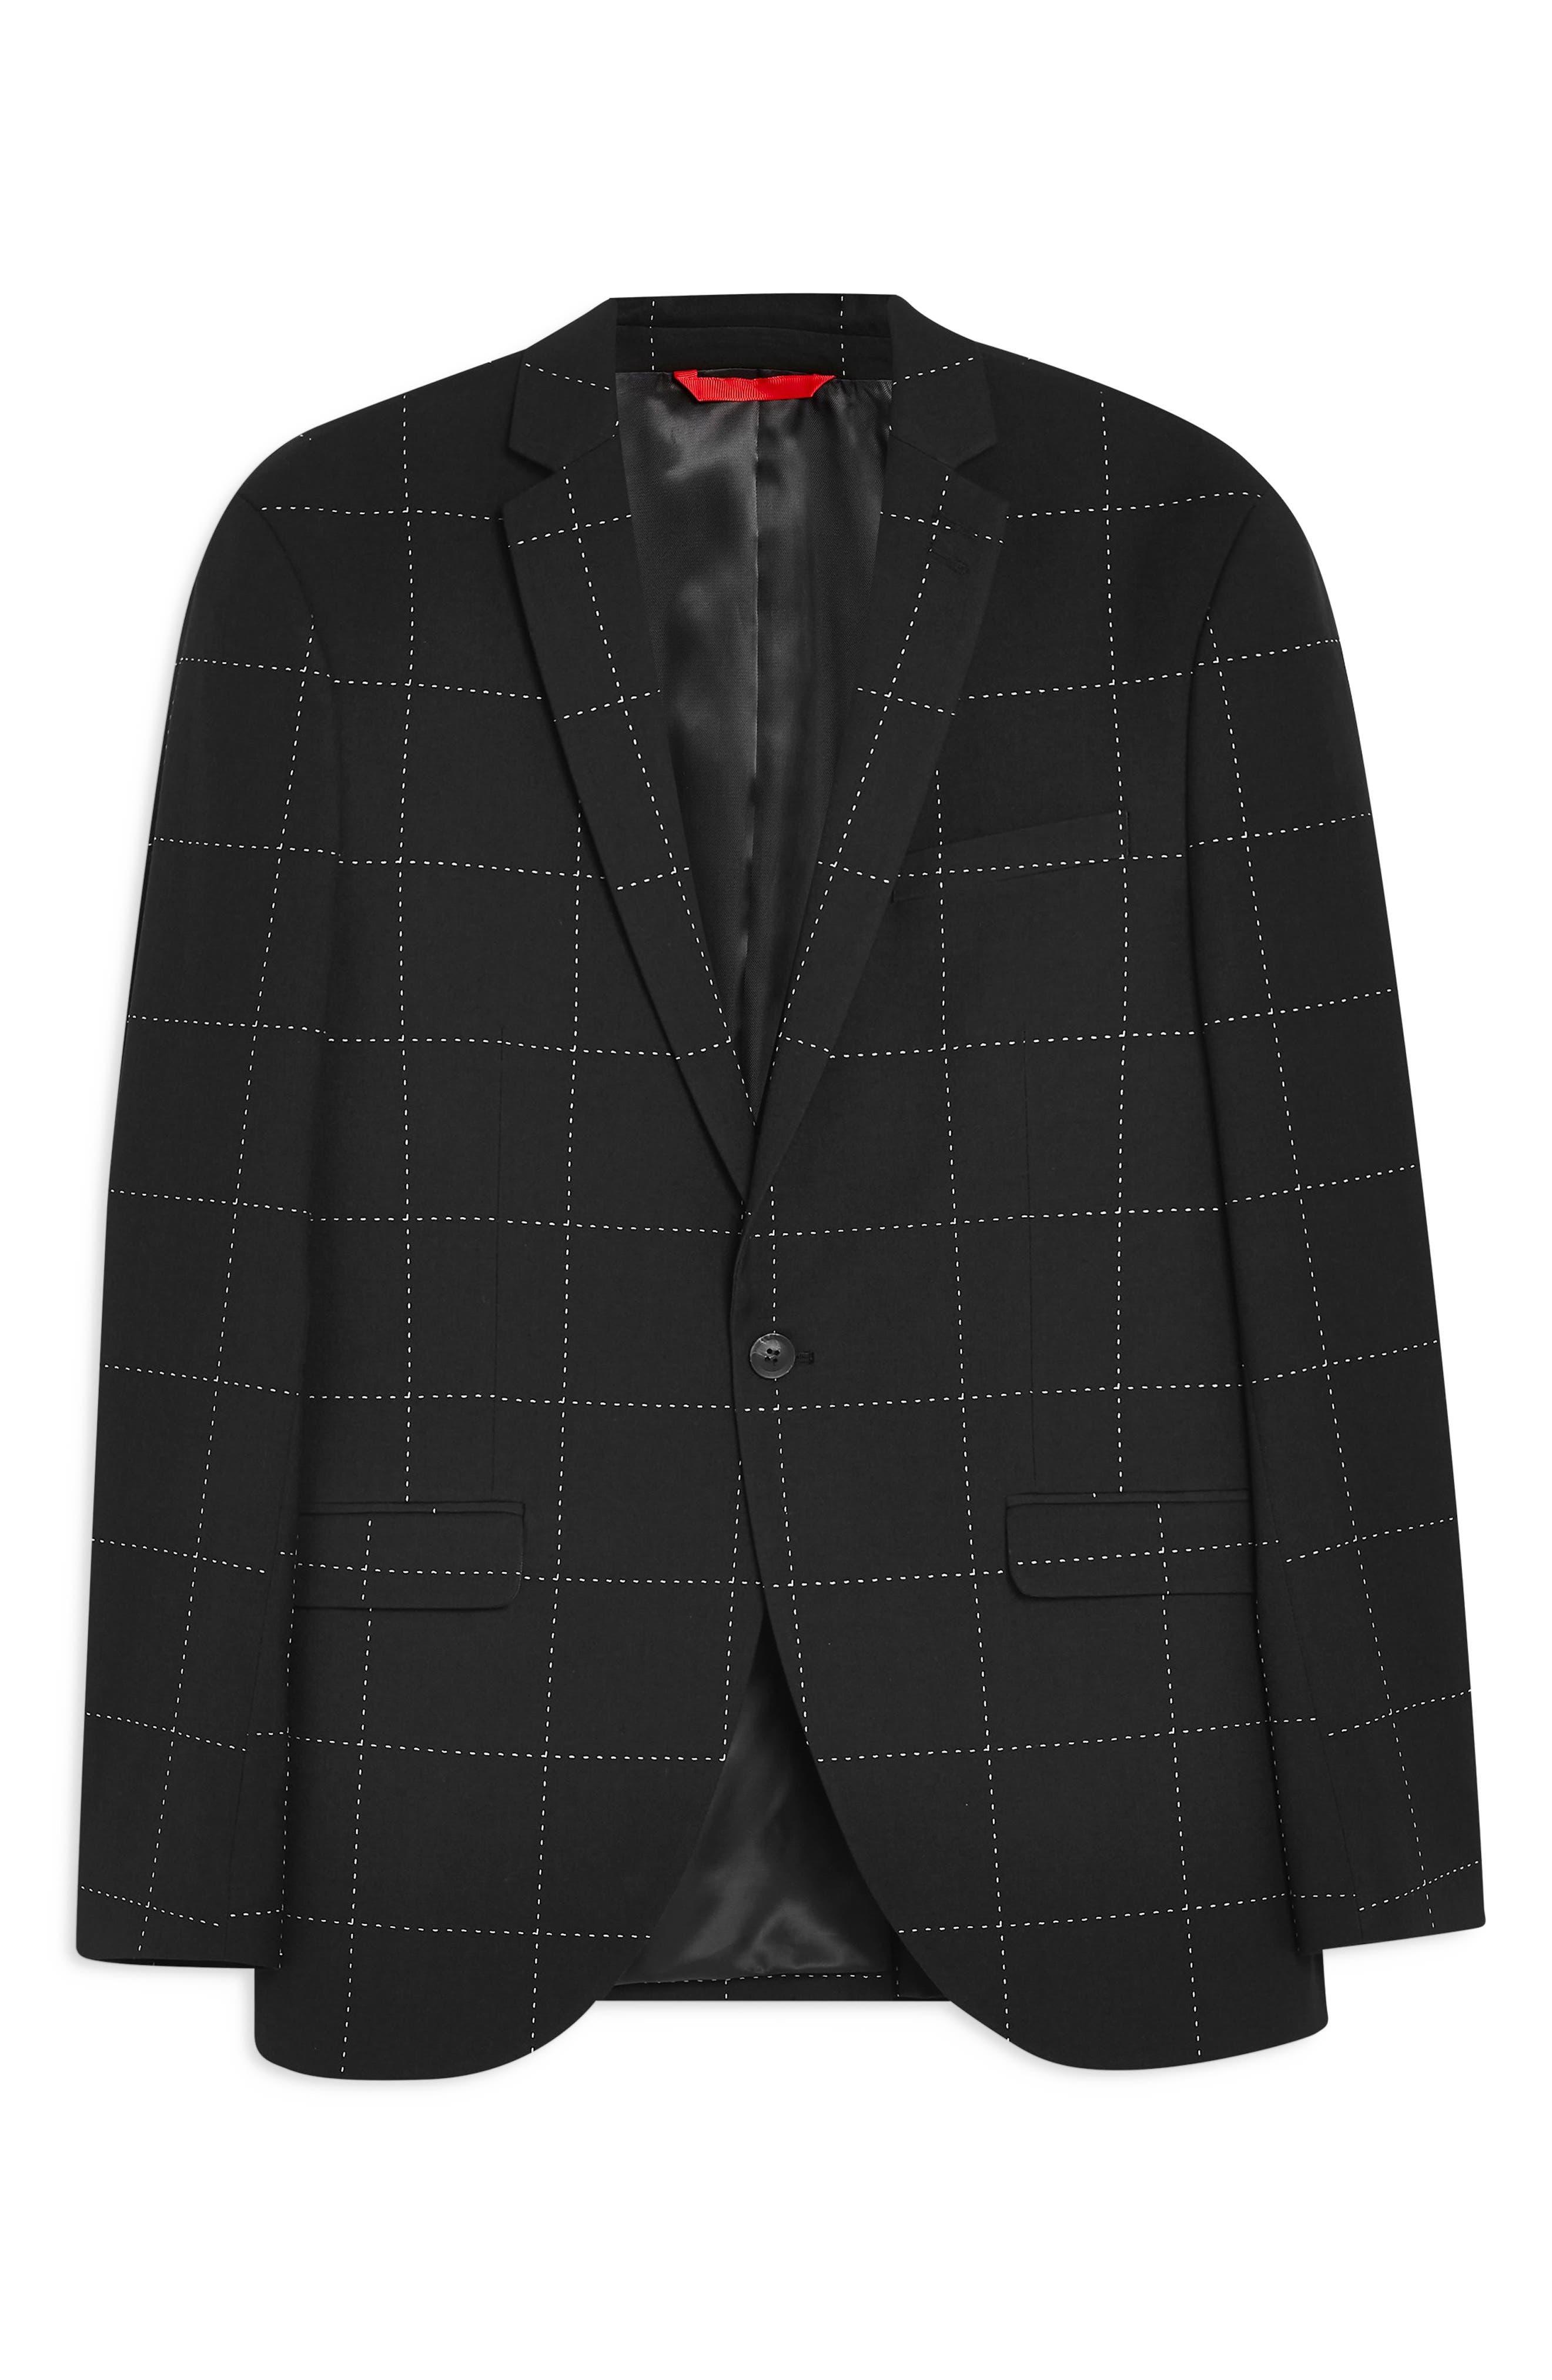 TOPMAN, Slim Fit Topstitch Suit Jacket, Alternate thumbnail 4, color, BLACK